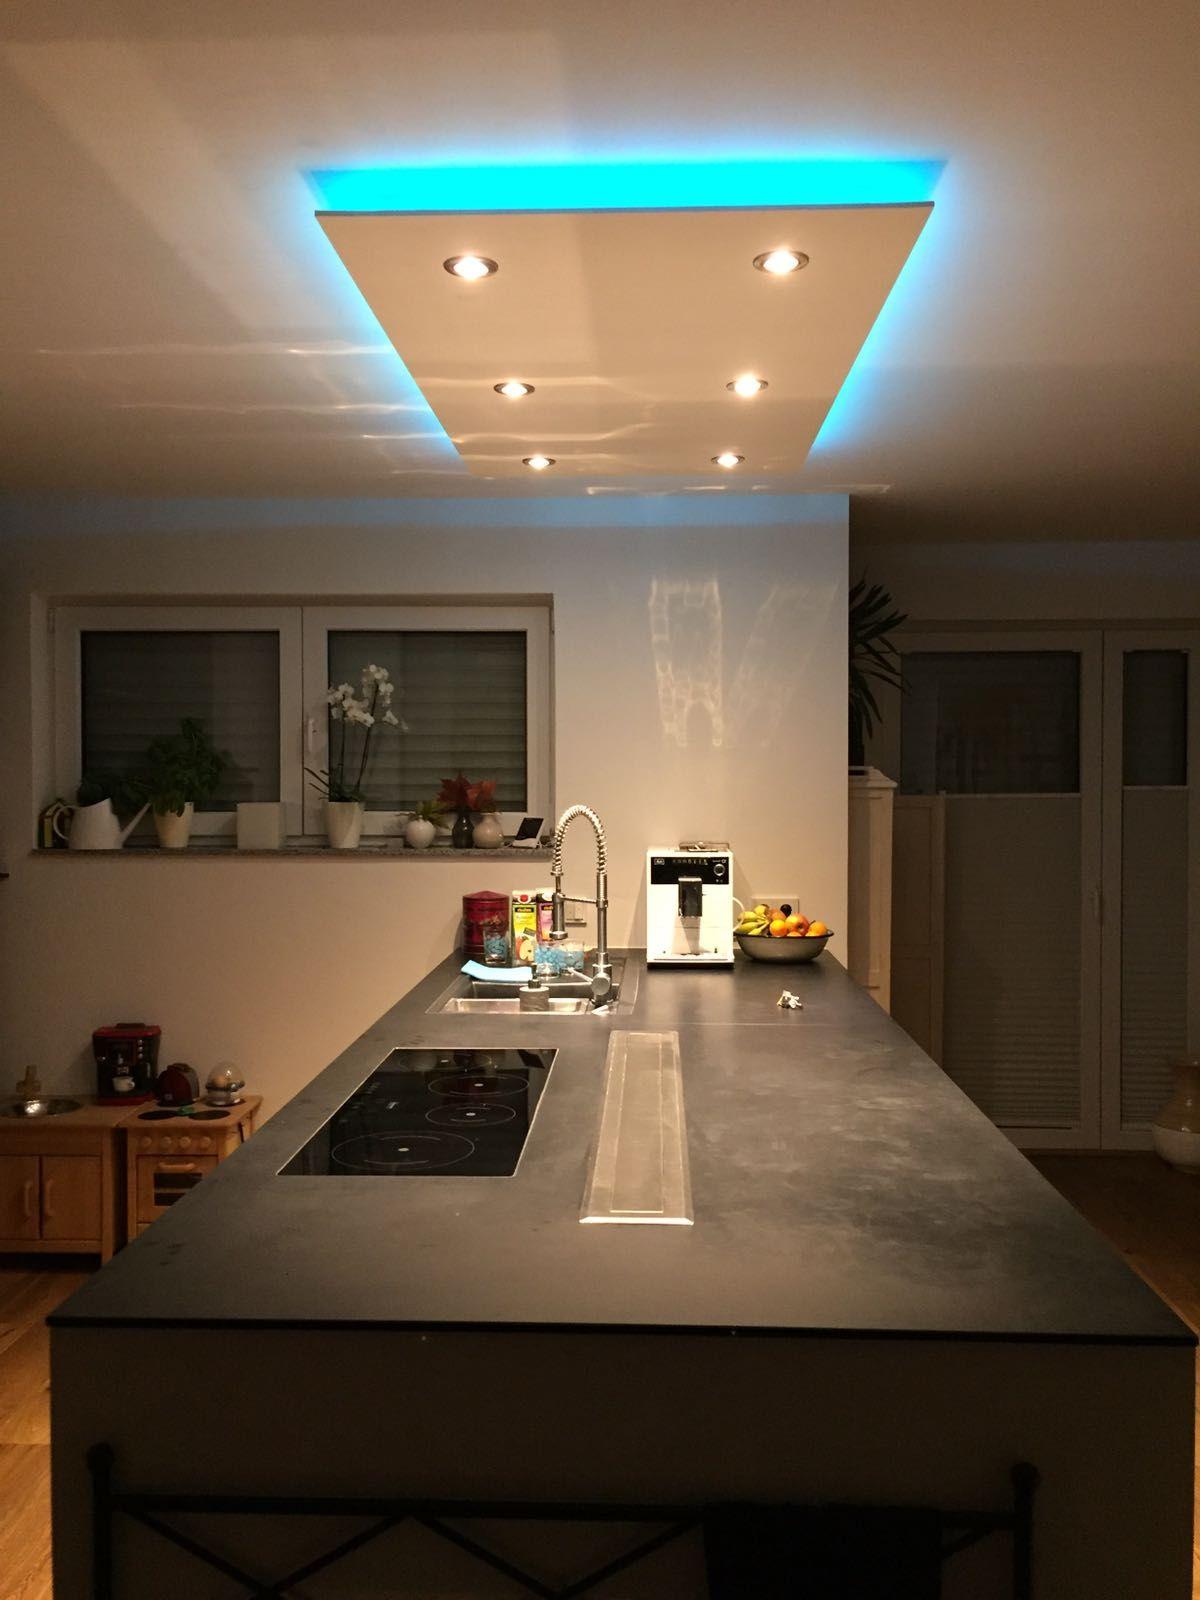 Bildergalerie In 2020 Beleuchtung Wohnzimmer Decke